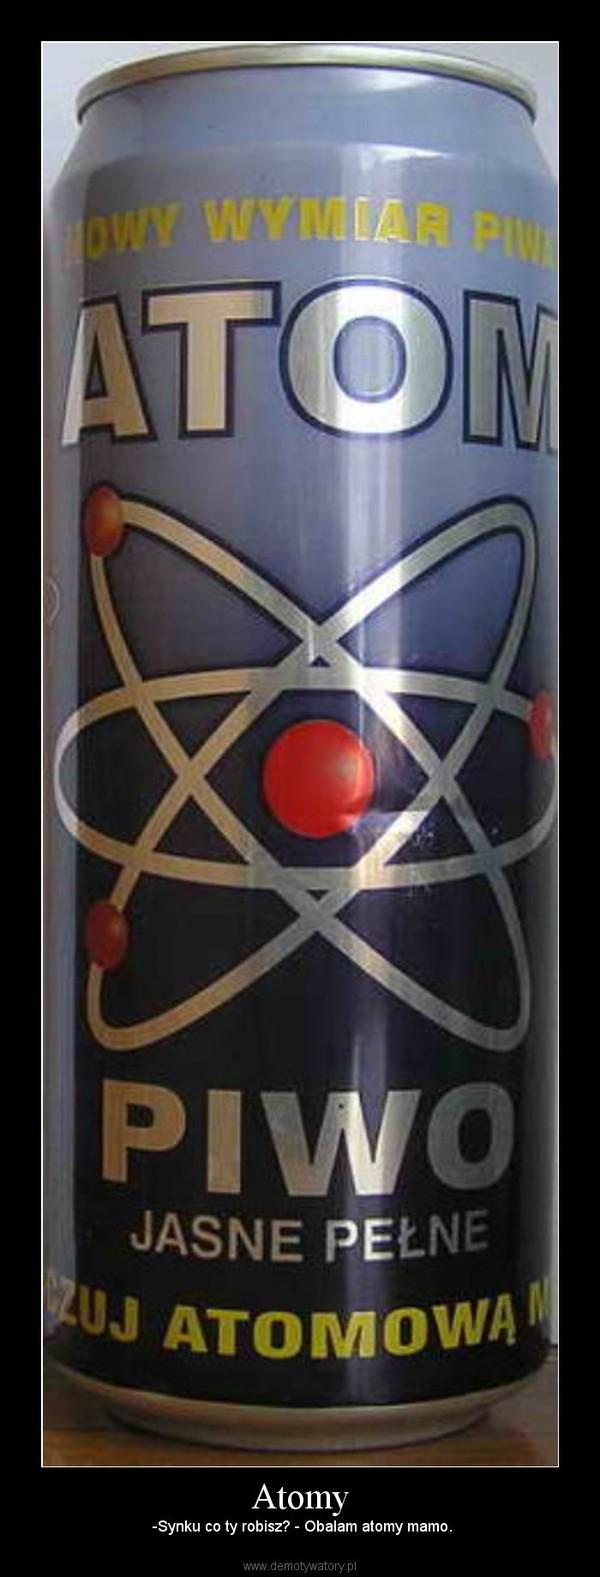 Atomy – -Synku co ty robisz? - Obalam atomy mamo.